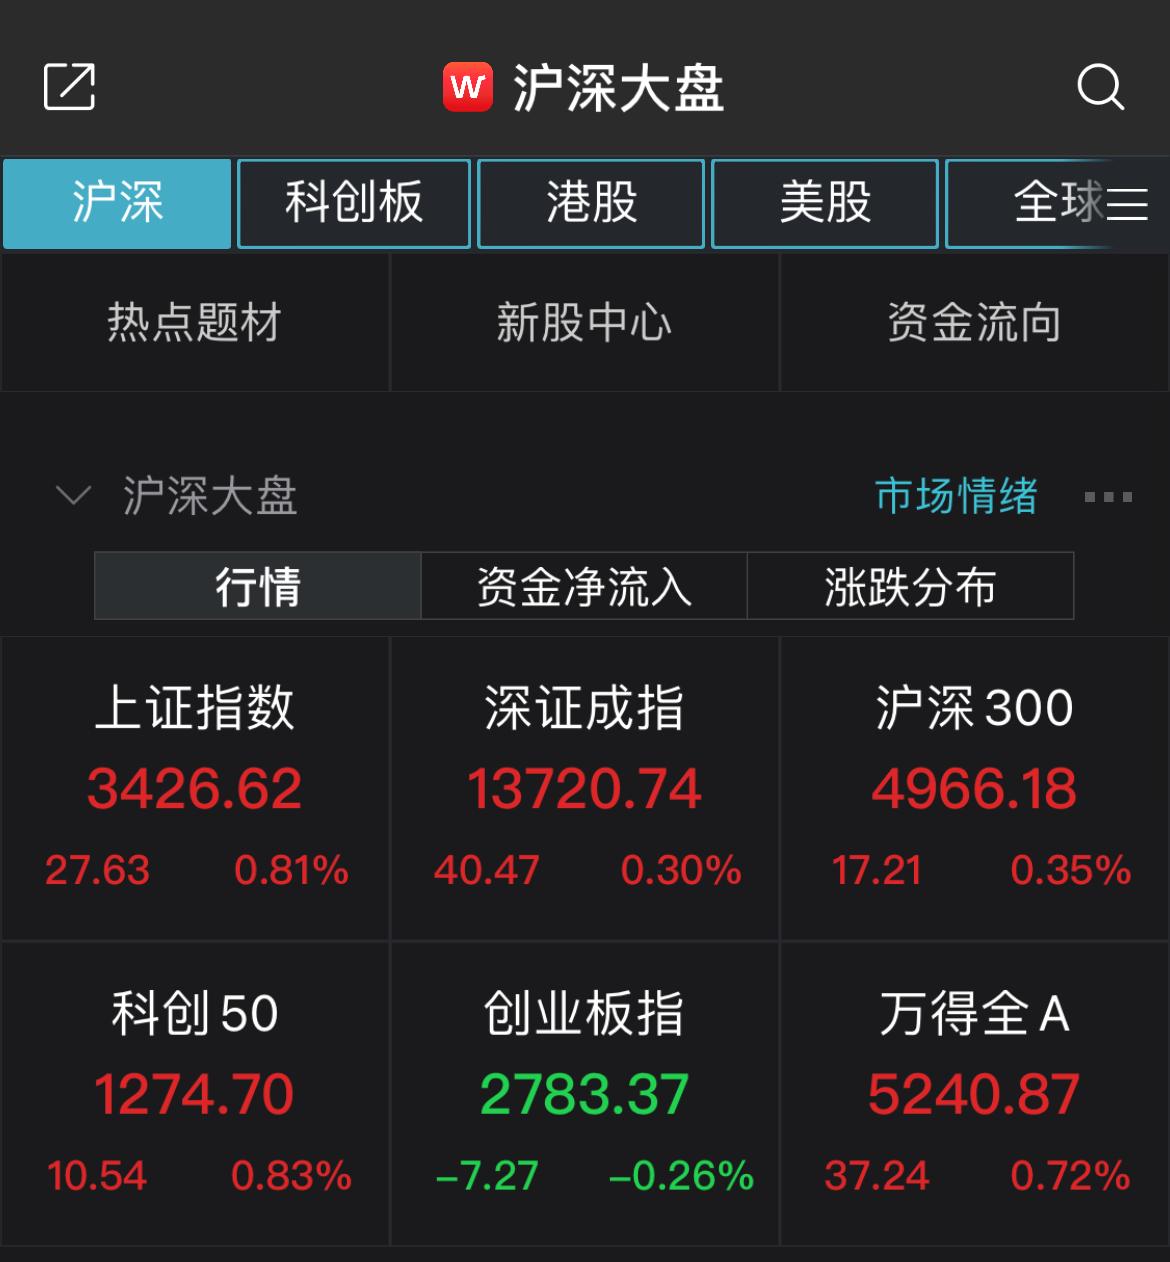 沪指震荡走高收涨0.81% 超3300股飘红